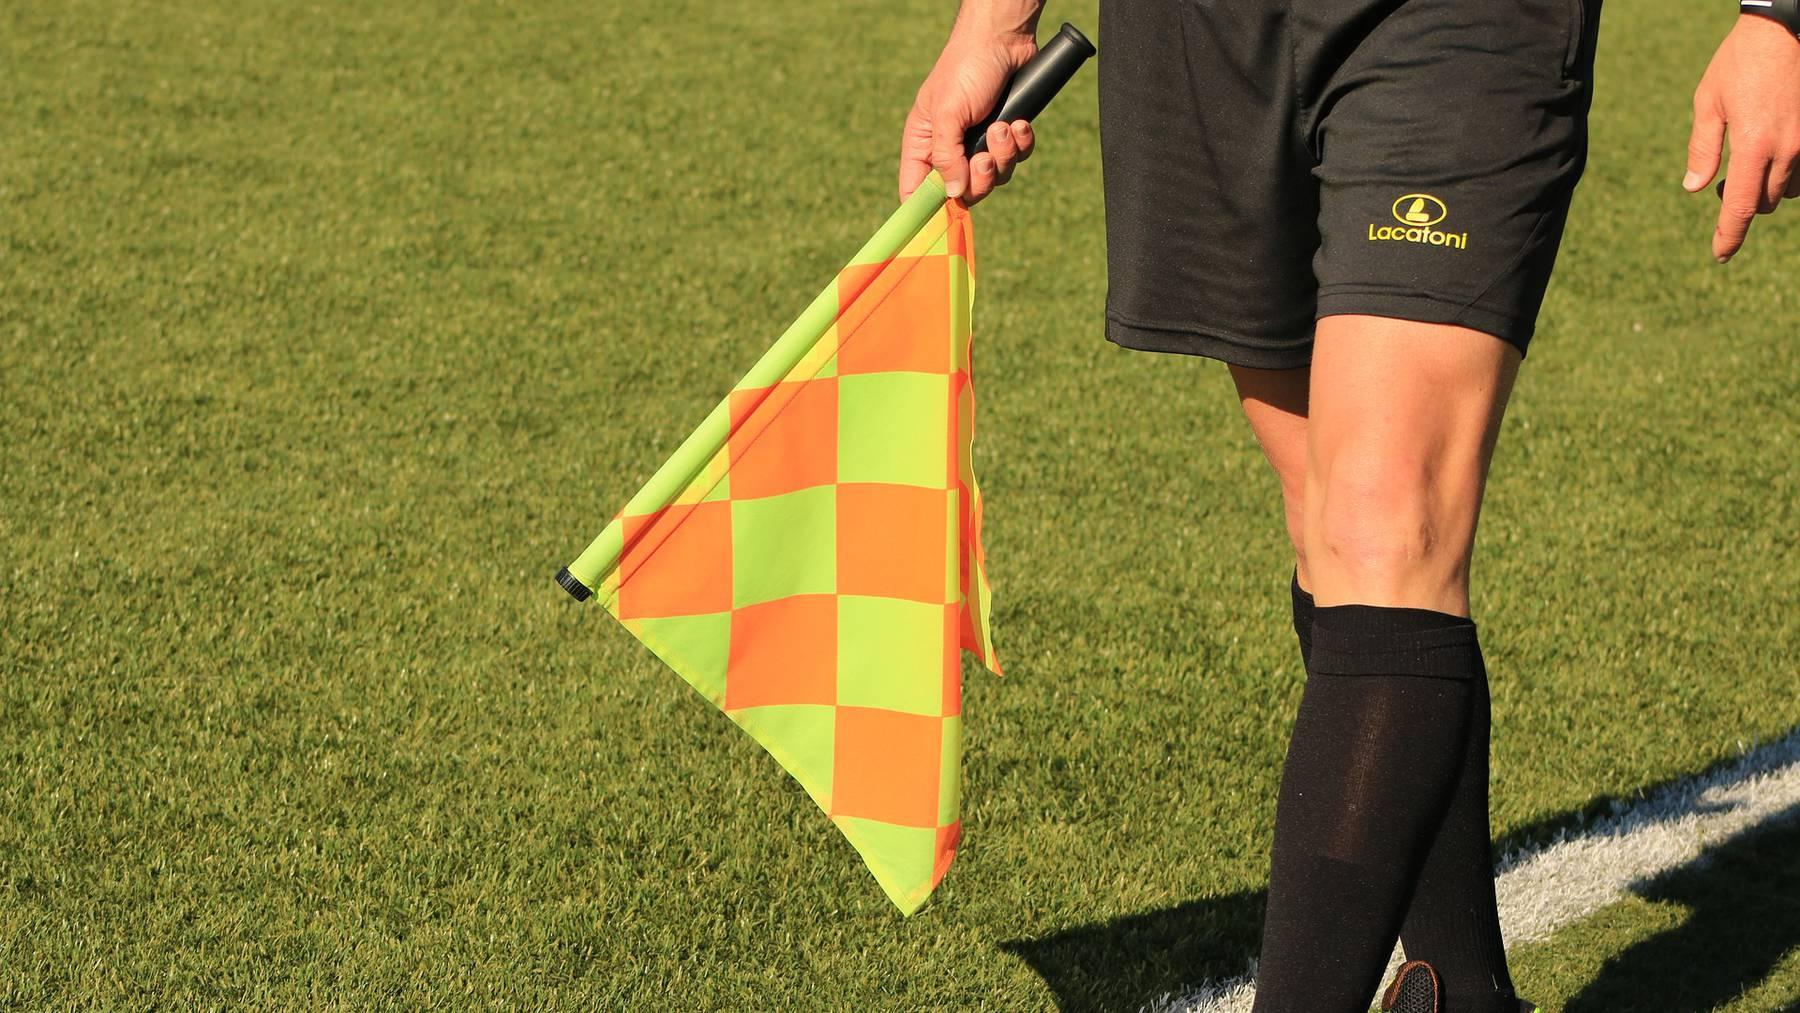 Videobeweis wird offizielle Fussball-Regel